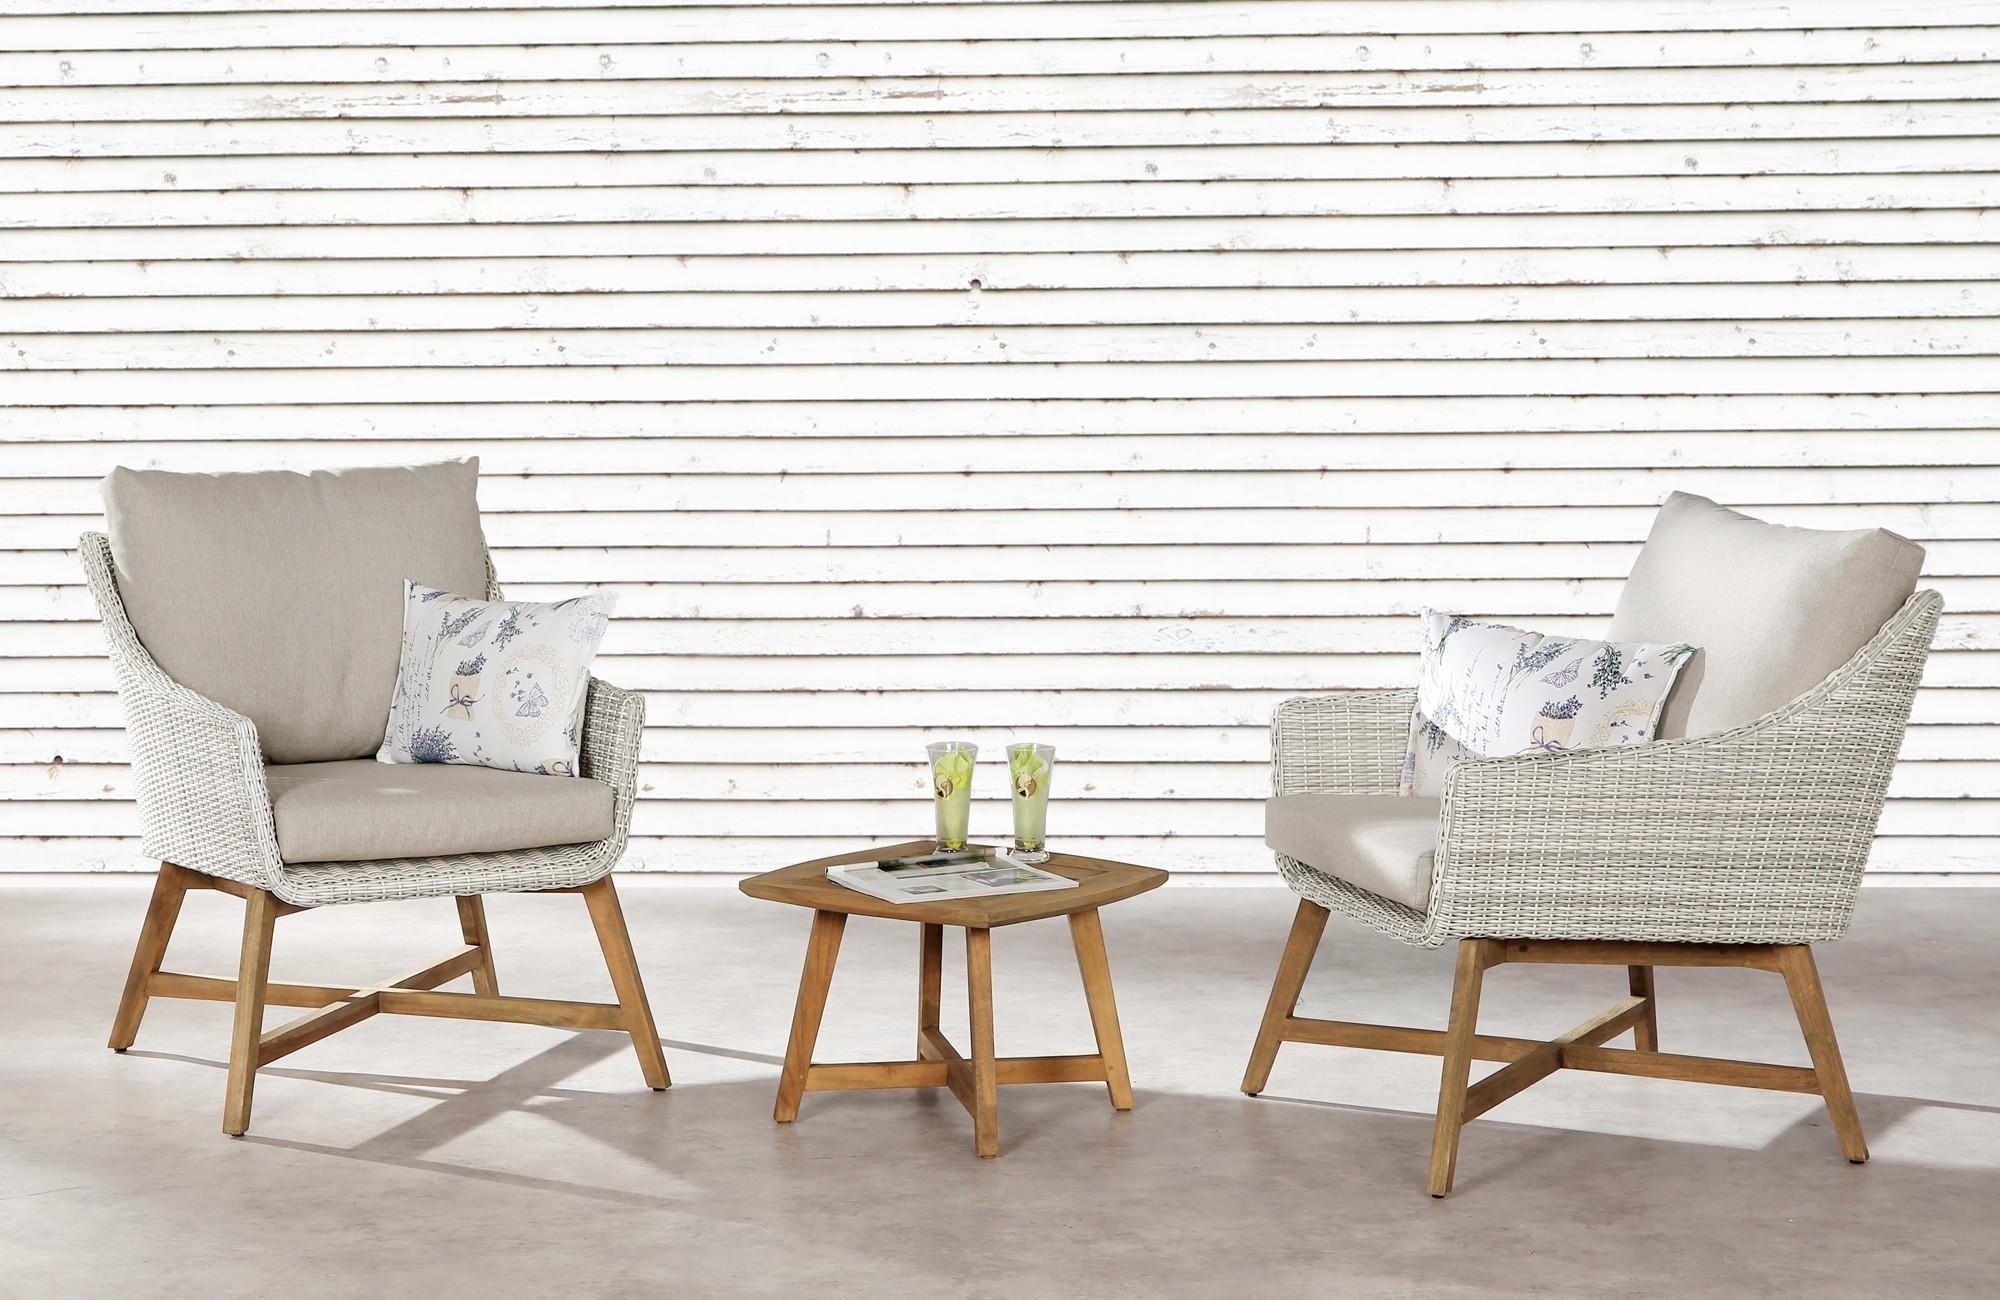 Gartentisch Lounge Tisch Paterna Best 50x50cm Teak Bei